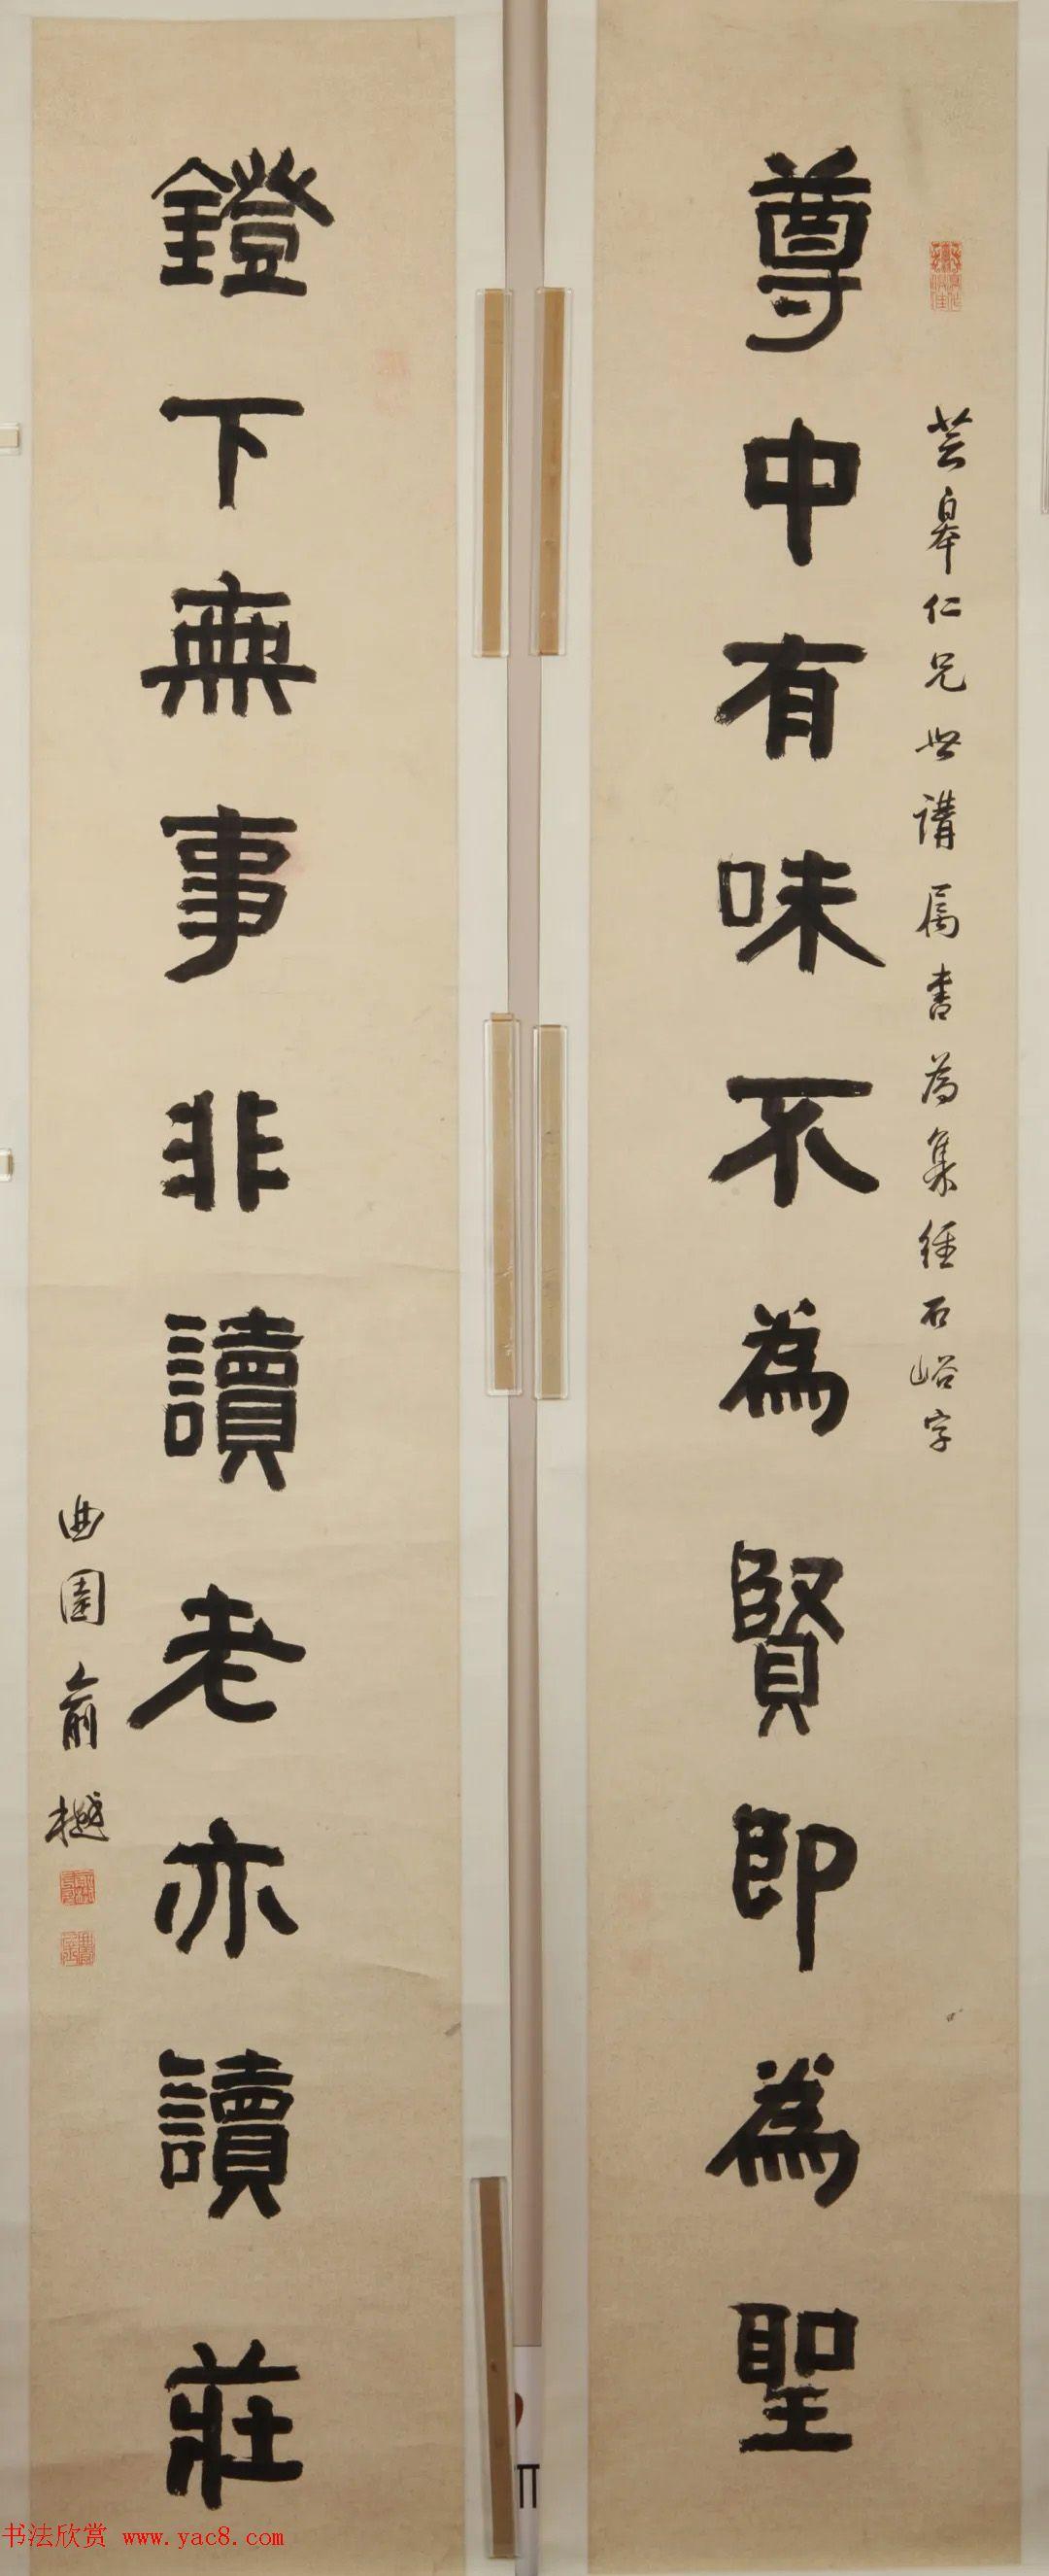 苏州博物馆藏书法对联精品欣赏